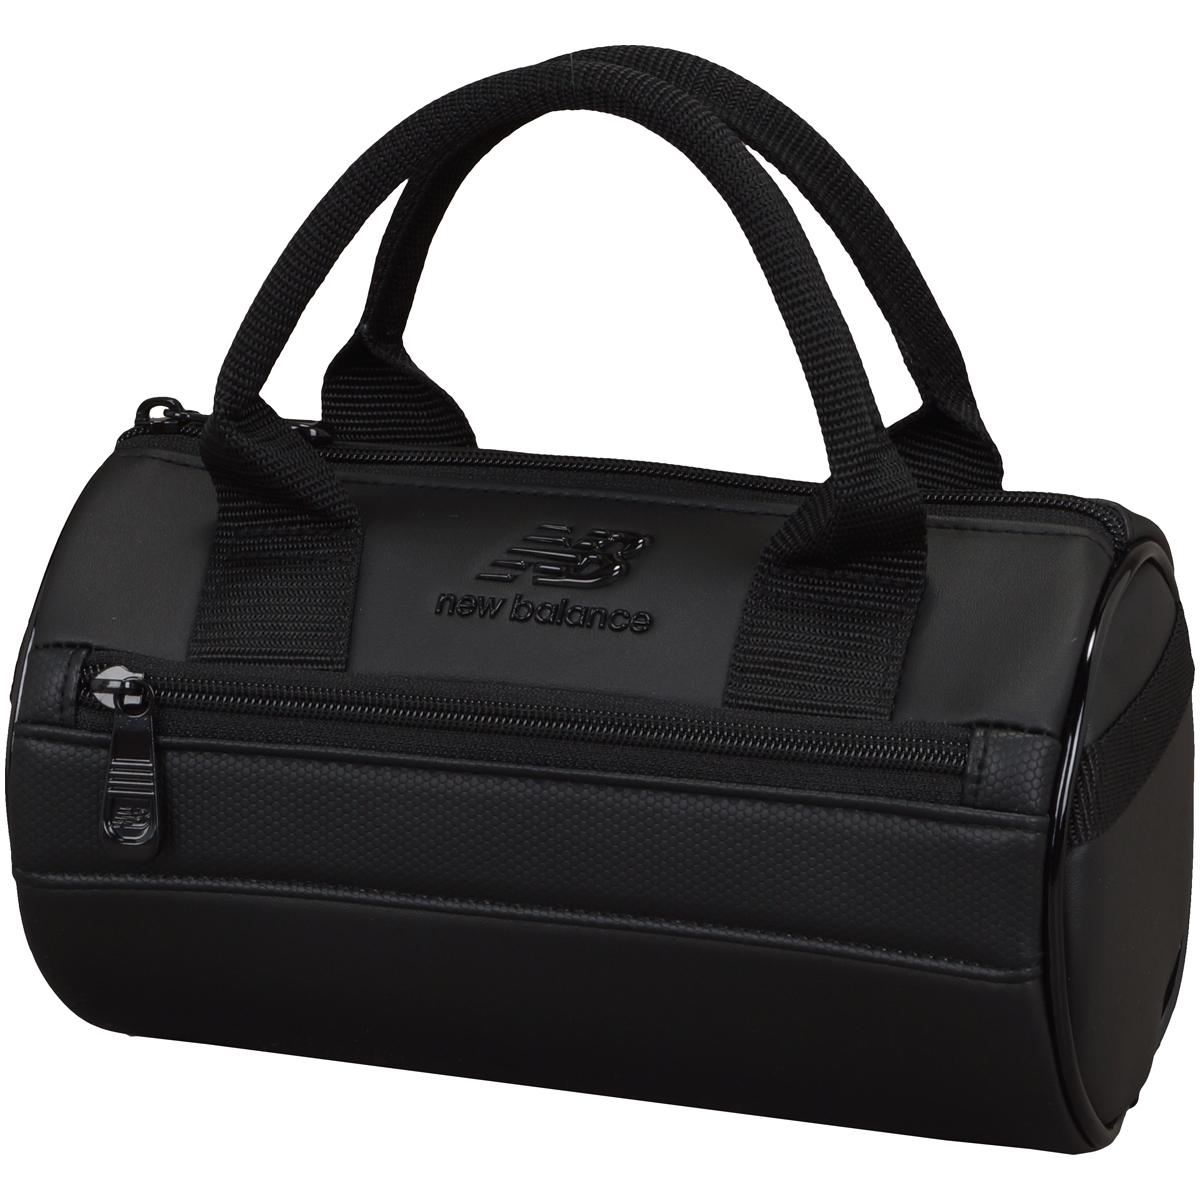 SPORT ロゴボストンカートバッグ